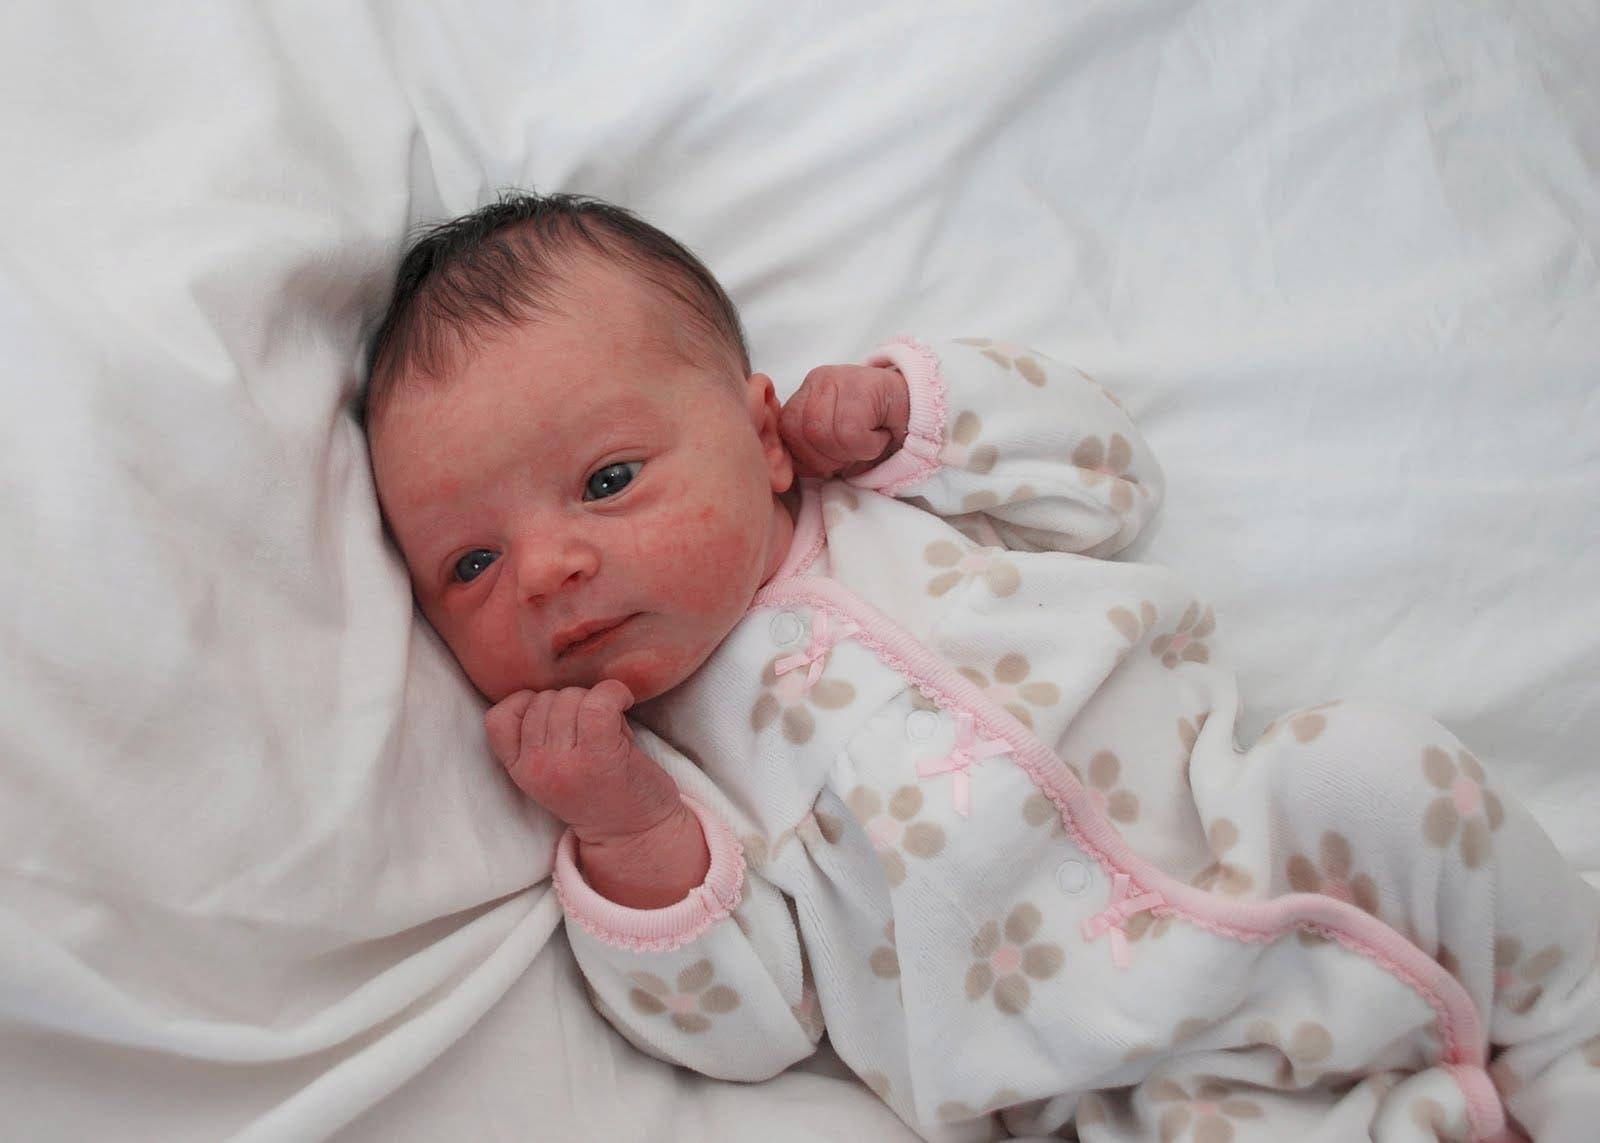 Bebekte bu 6 reflekse dikkat